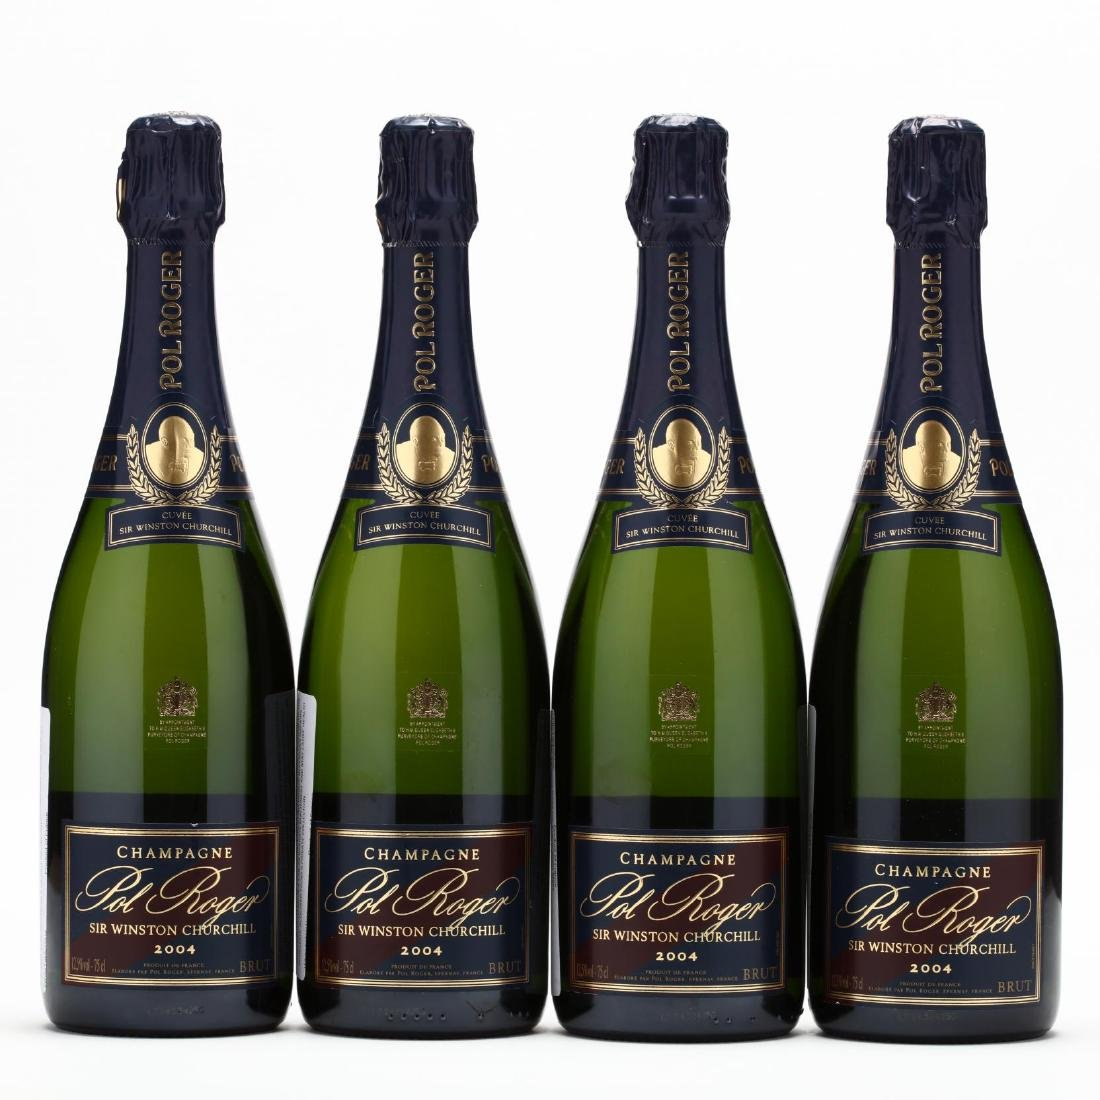 Pol Roger Champagne - Vintage 2004